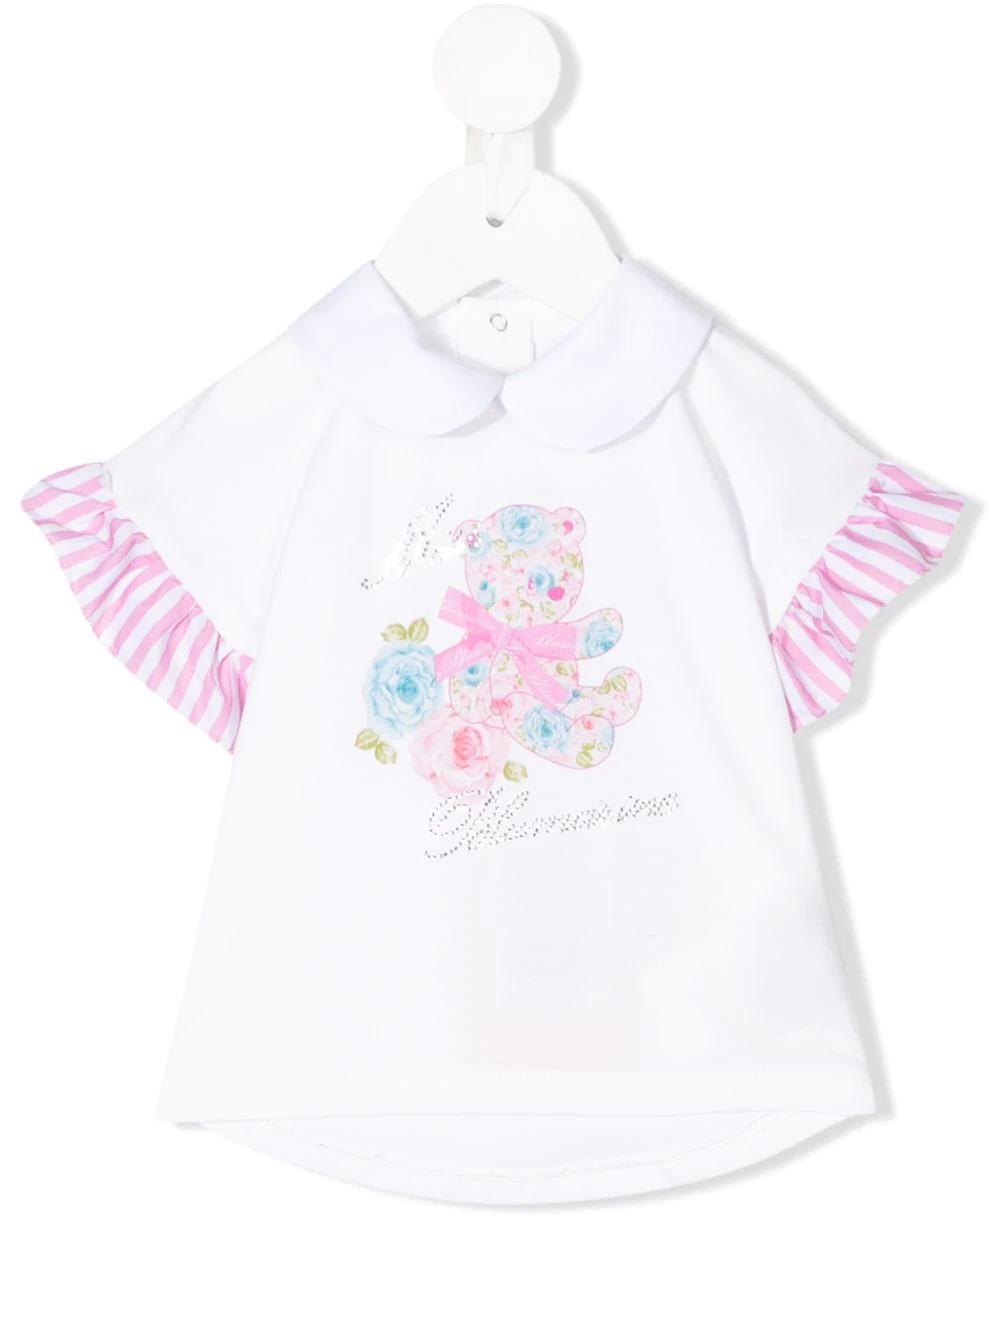 Miss Blumarine MISS BLUMARINE   T-shirt   MBL238900